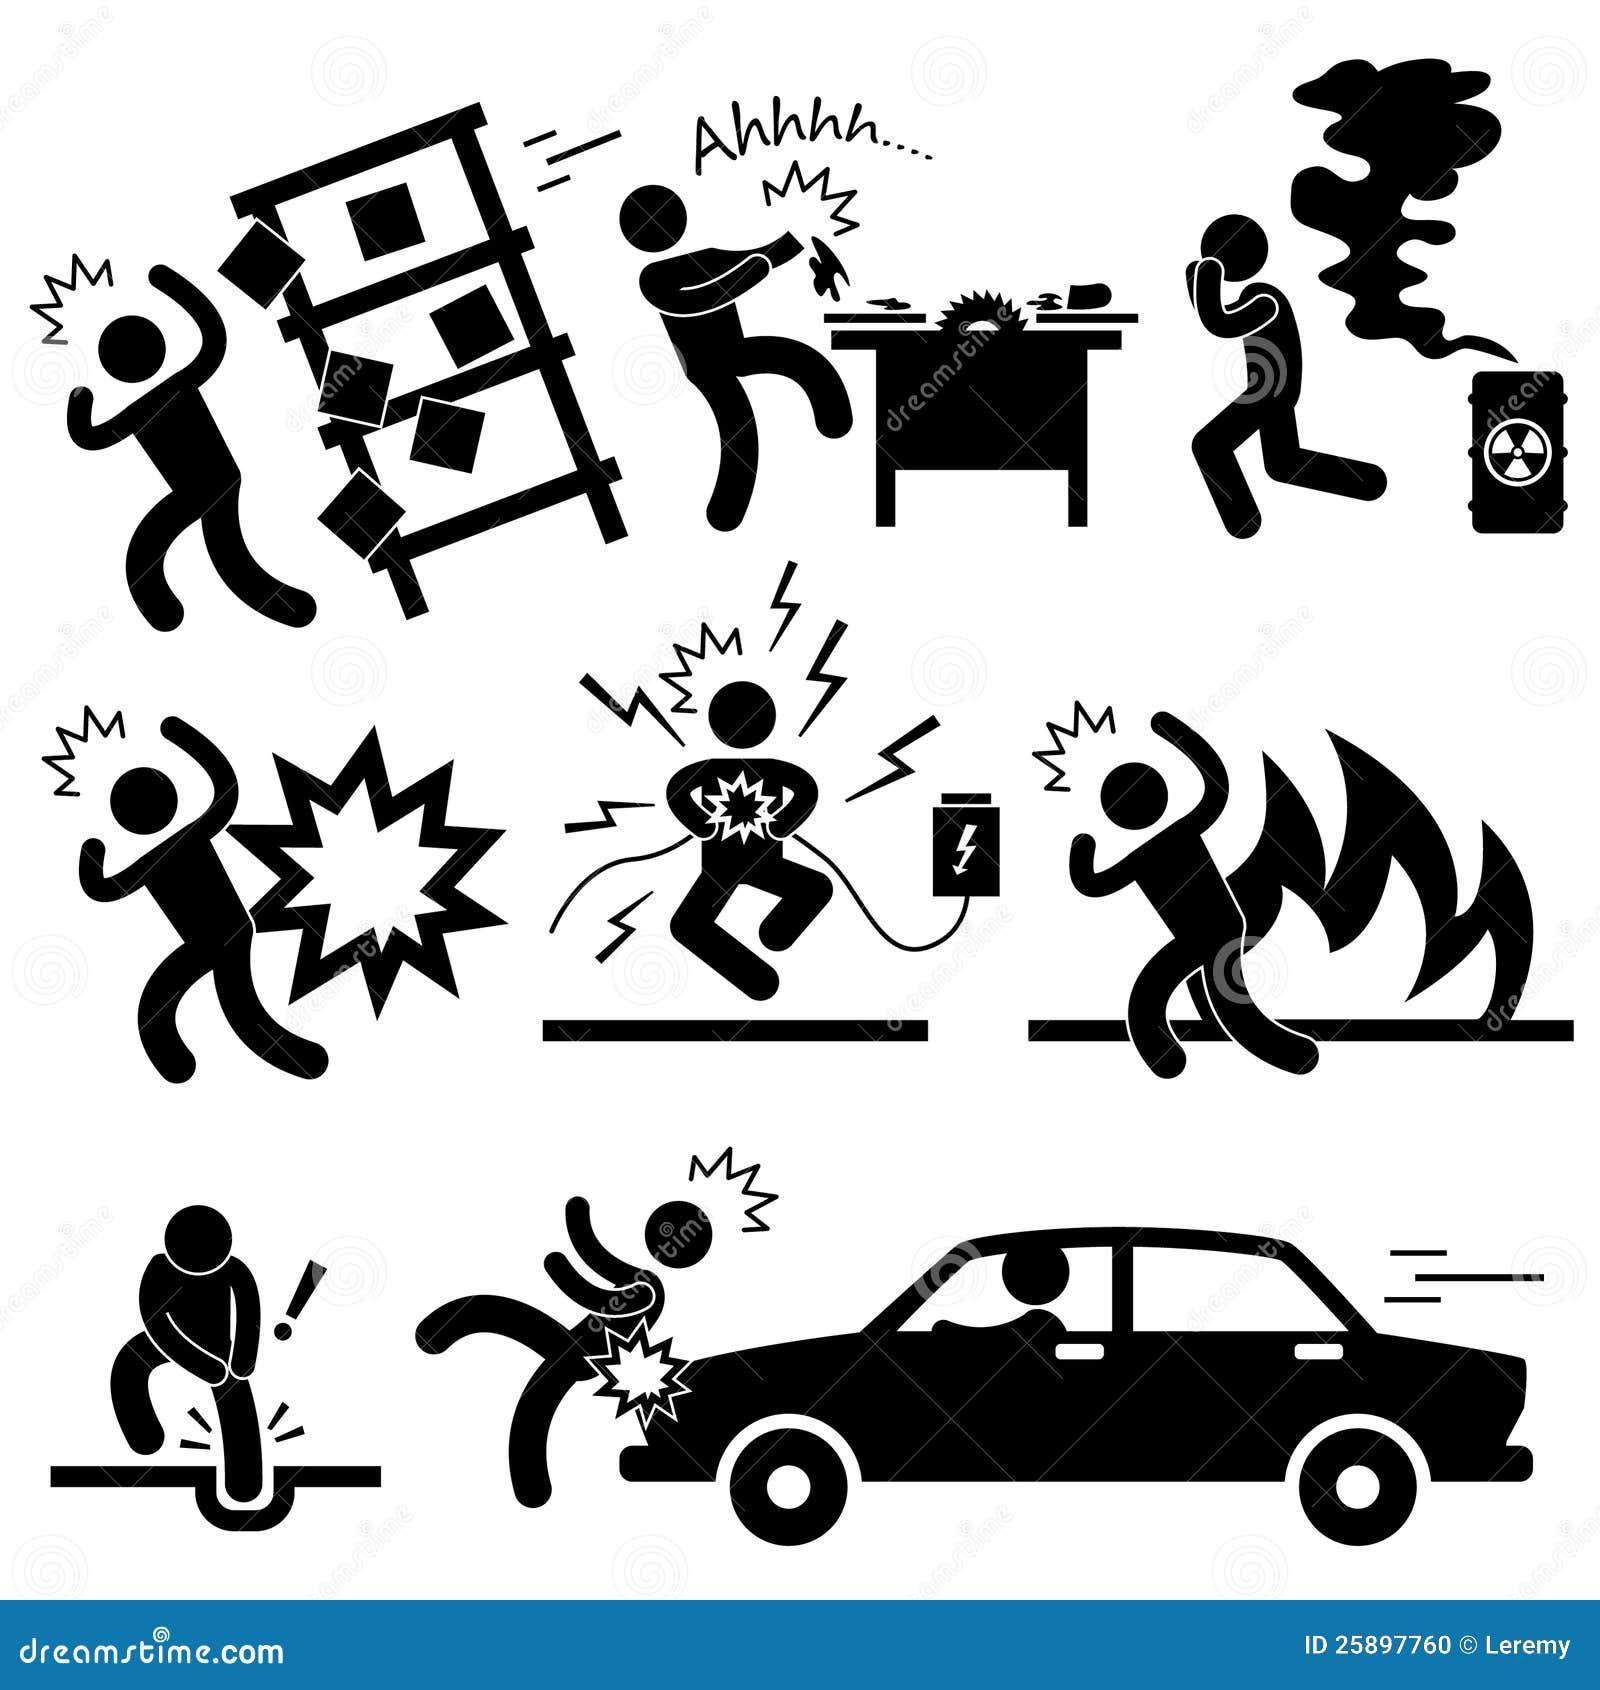 Unfall-Explosion-Gefahren-Gefahr-Piktogramm Vektor Abbildung ...